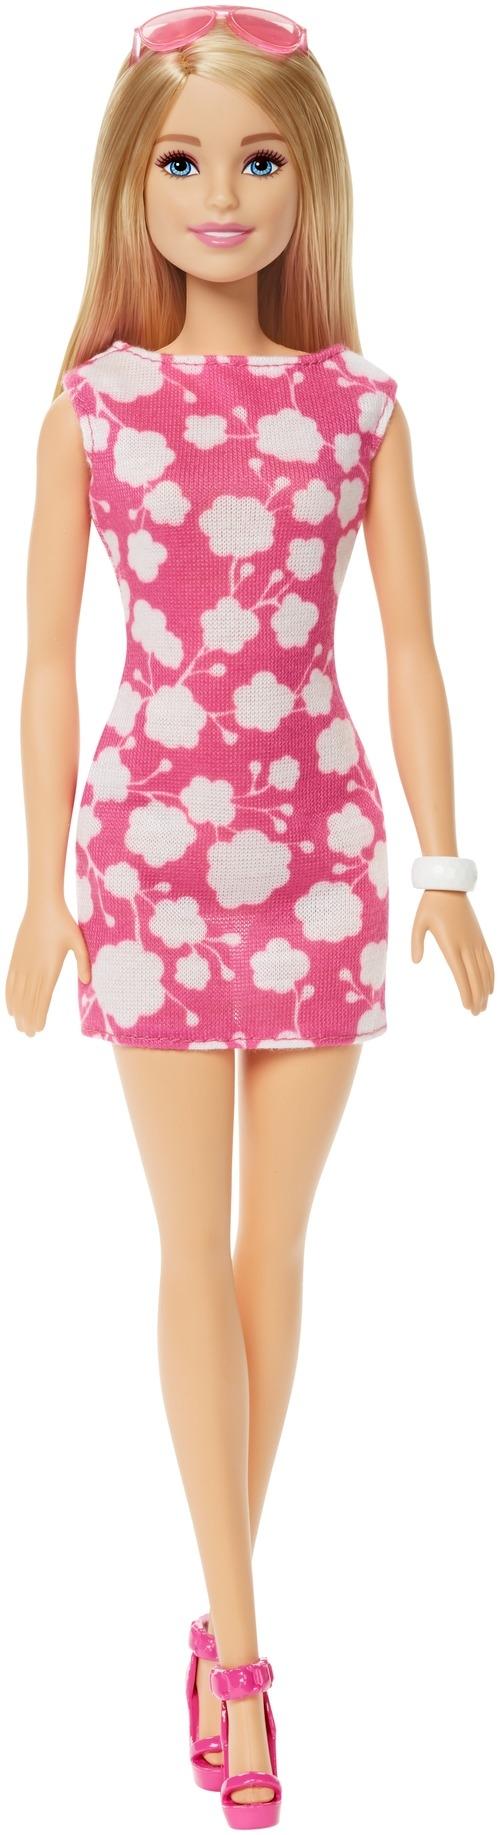 Barbie Barbie Кукла Barbie в модных платьях, в ассортименте кукла barbie сестры barbie с питомцами в ассортименте